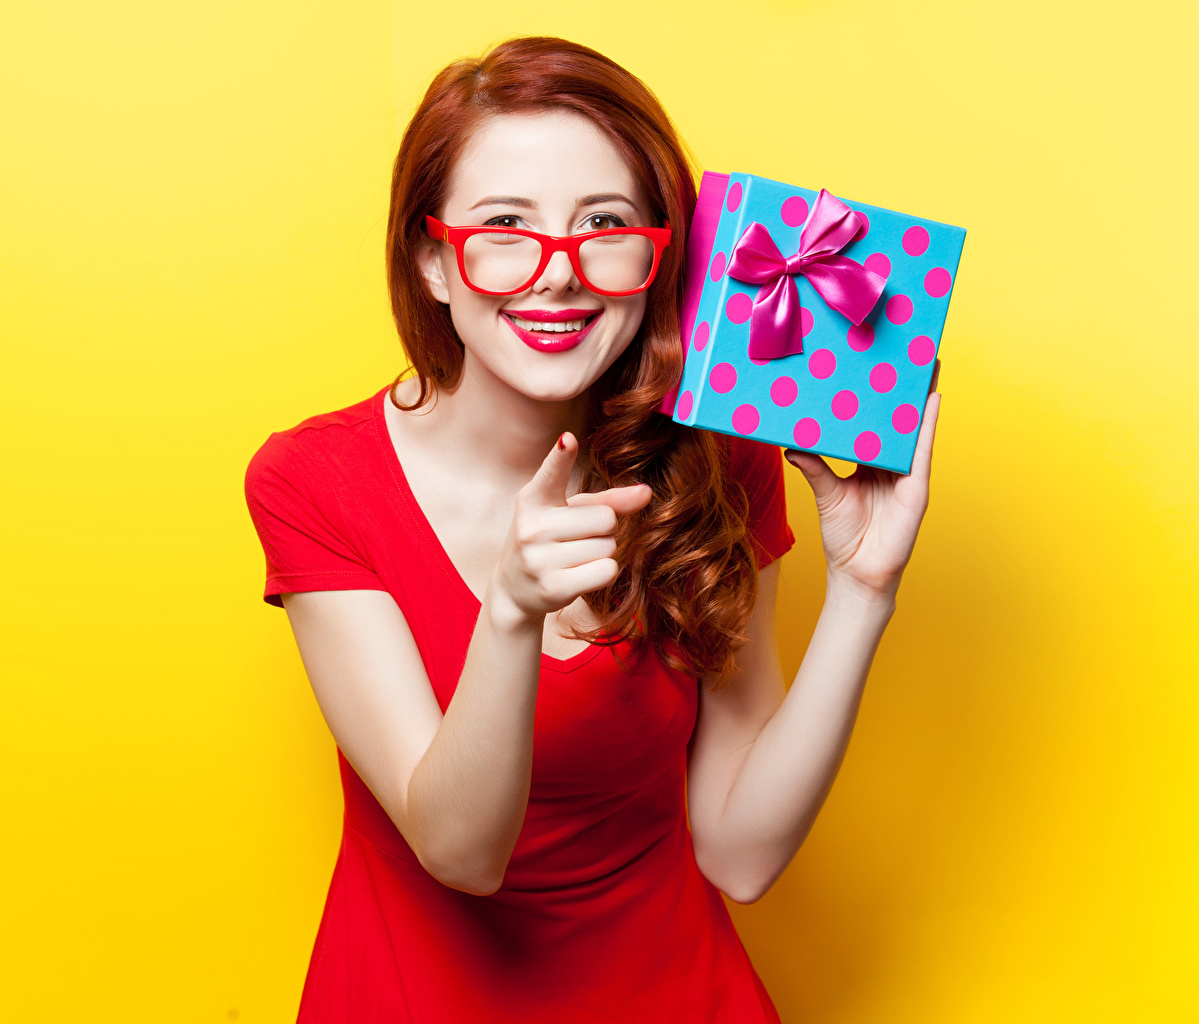 Dedos de la mano Gesto Fondo de color Pelirrojo Nia Labios rojos Gafas Regalos Contacto visual mujer joven, mujeres jóvenes, presente, lentes, anteojos Chicas